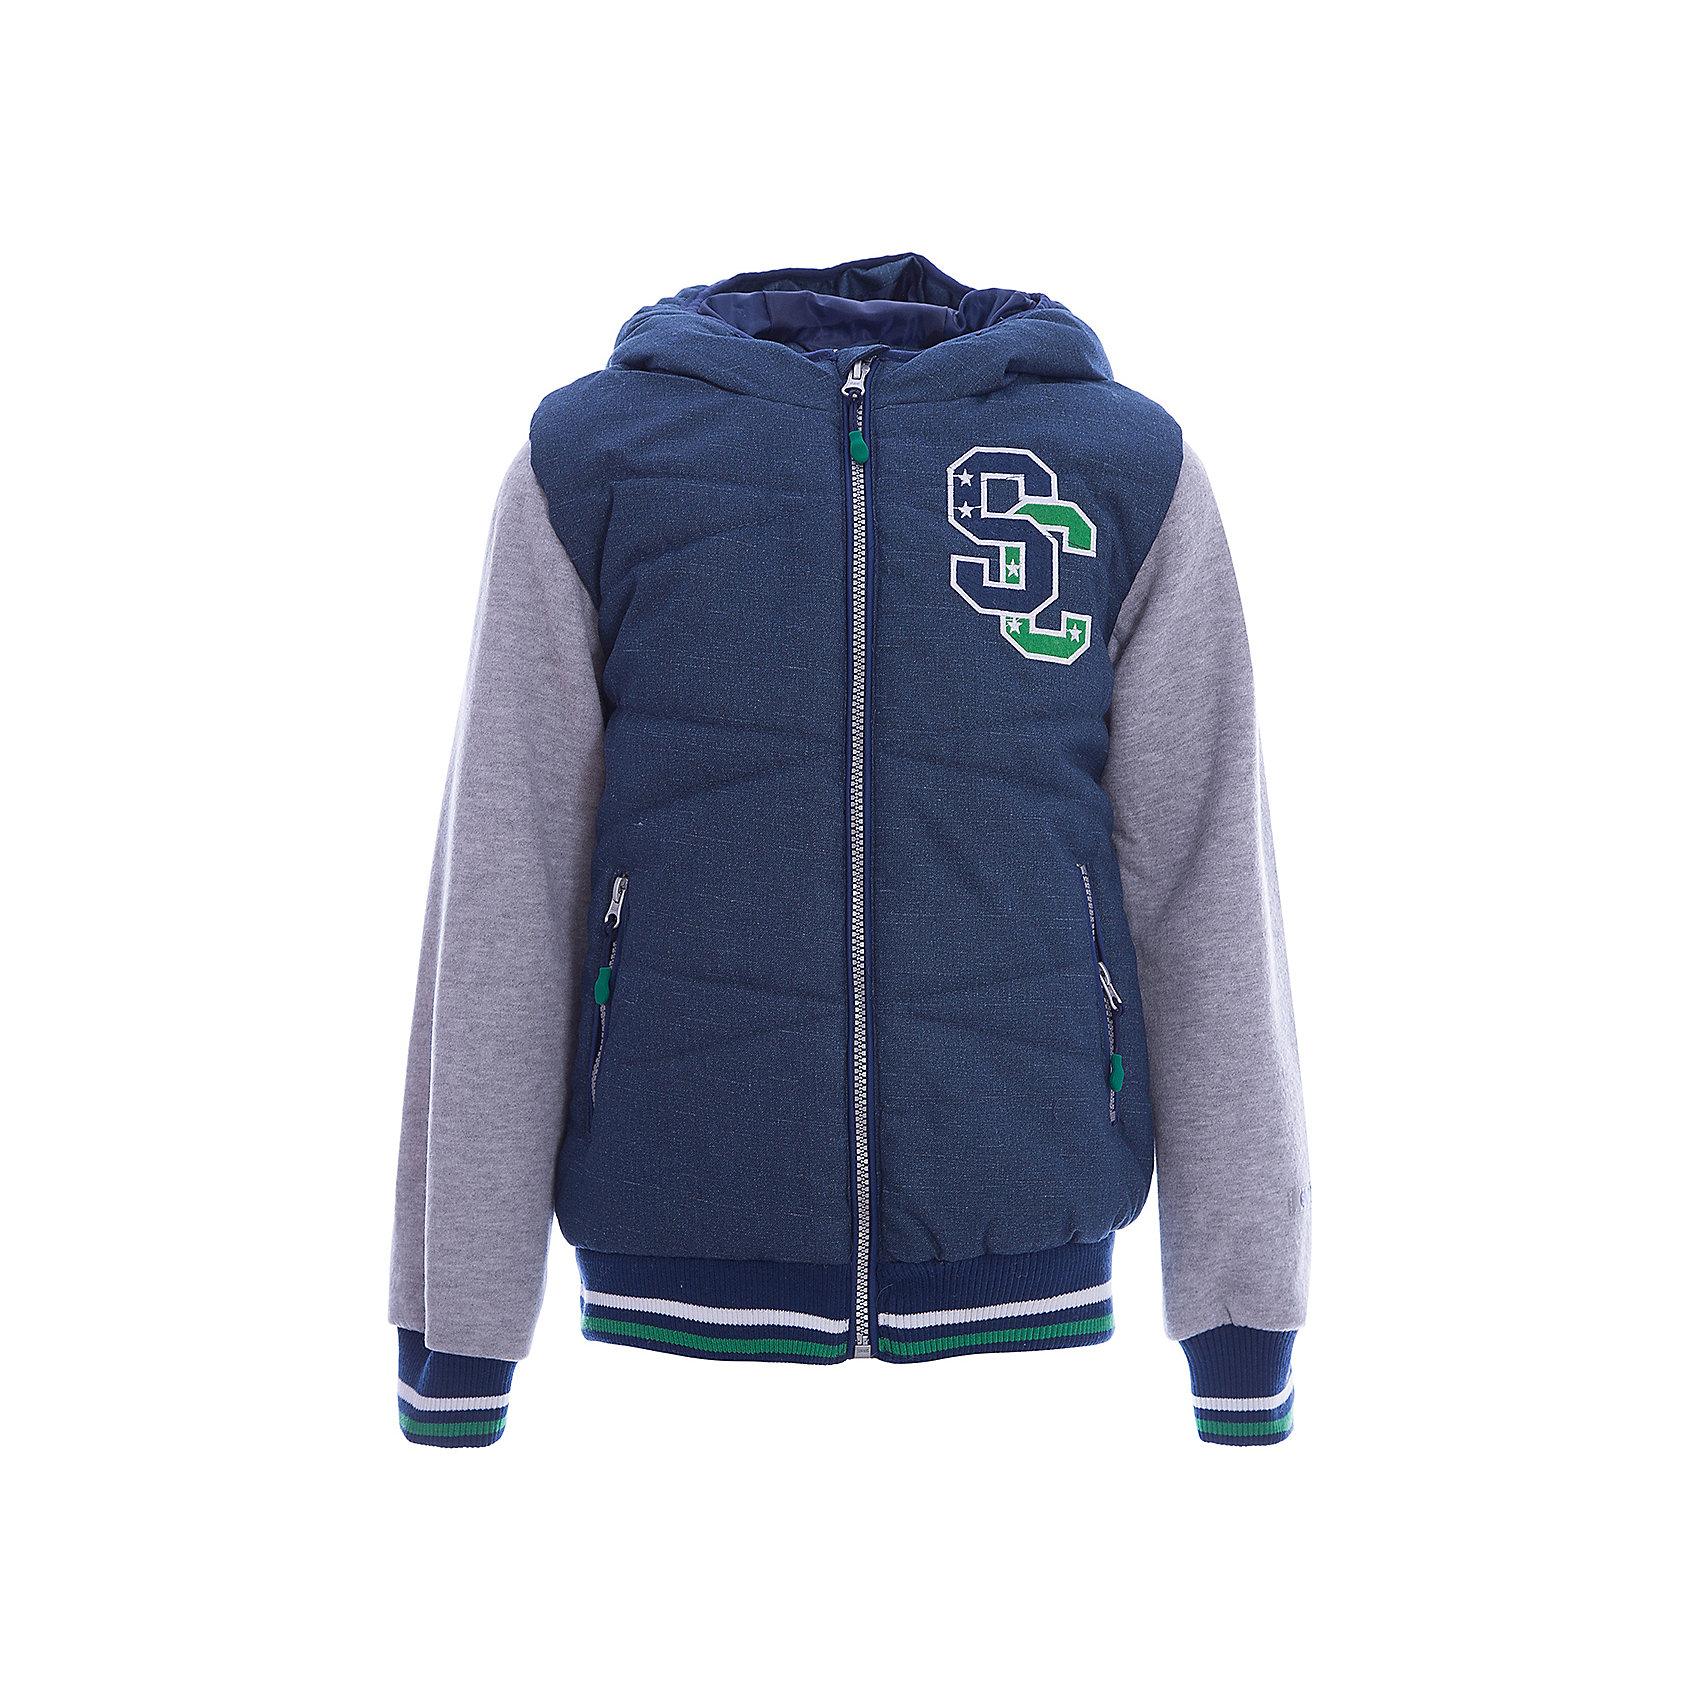 Куртка для мальчика ScoolВерхняя одежда<br>Характеристики товара:<br><br>• цвет: зелёный/серый<br>• состав: 100% полиэстер<br>• подкладка: 100% полиэстер<br>• утеплитель: 100% полиэстер, 150 г/м2<br>• температурный режим: от +5°С до +15°С<br>• декорирована аппликацией<br>• водоотталкивающая пропитка<br>• защита подбородка от молнии<br>• удобные карманы<br>• молния<br>• мягкие манжеты<br>• светоотражающие элементы<br>• капюшон не остёгивается<br>• страна бренда: Германия<br>• страна производства: Китай<br><br>Эффектная утепленная куртка на молнии с капюшоном прекрасно подойдет ребенку в прохладную погоду. Специальный карман для фиксации застежки-молнии не позволит застежке травмировать нежную кожу ребенка. Даже у самого активного ребенка капюшон не спадет с головы за счет удобной мягкой резинки. Наличие светооражателя на подоле позволит видеть ребенка в темное время суток. За счет рукавов из текстиля с начесом, такая куртка будет уместна и в прохладную погоду.<br><br>Куртку для мальчика от известного бренда Scool можно купить в нашем интернет-магазине.<br><br>Ширина мм: 356<br>Глубина мм: 10<br>Высота мм: 245<br>Вес г: 519<br>Цвет: белый<br>Возраст от месяцев: 156<br>Возраст до месяцев: 168<br>Пол: Мужской<br>Возраст: Детский<br>Размер: 164,146,134,140,152,158<br>SKU: 5406522